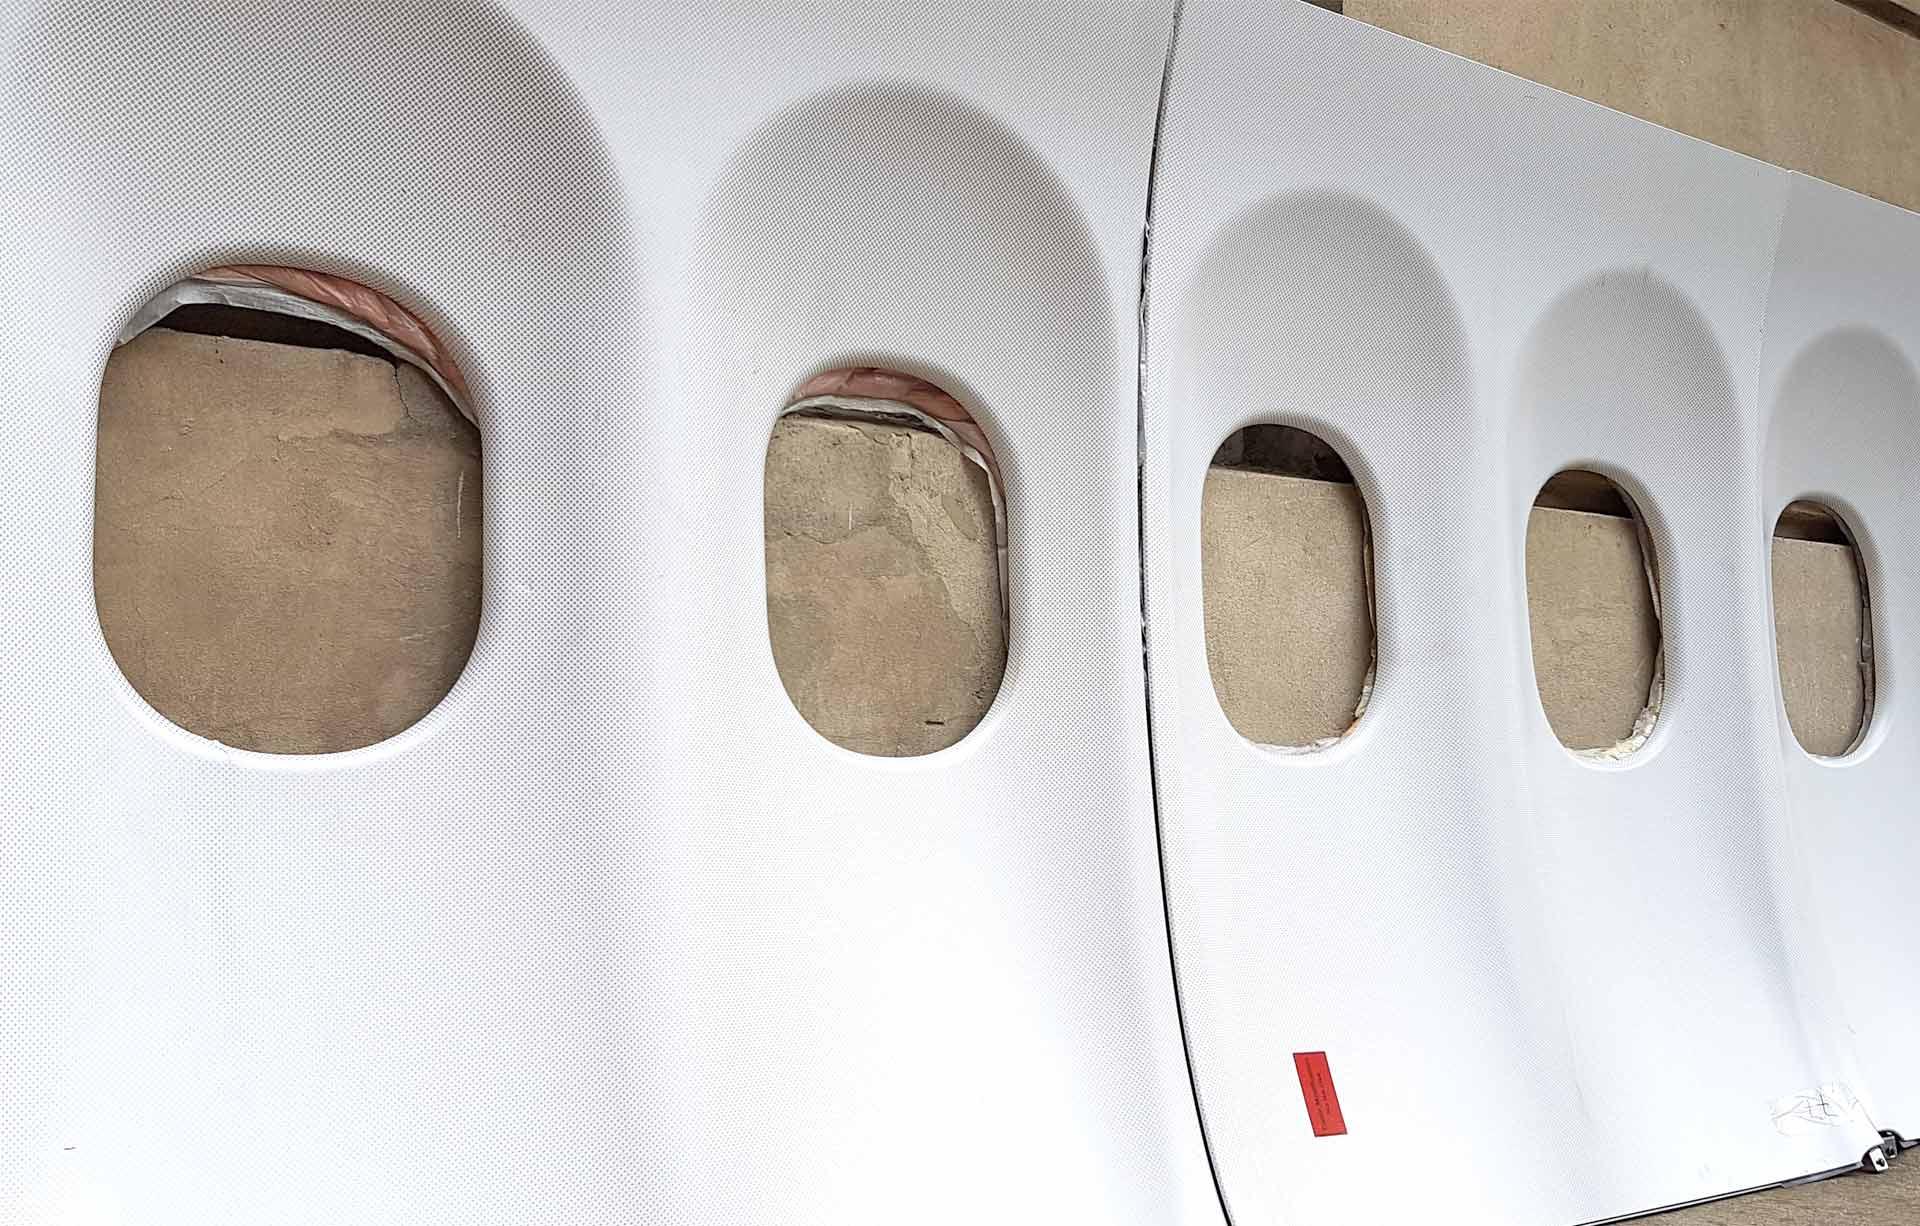 Flugzeugfenster Elemente in der Reihe